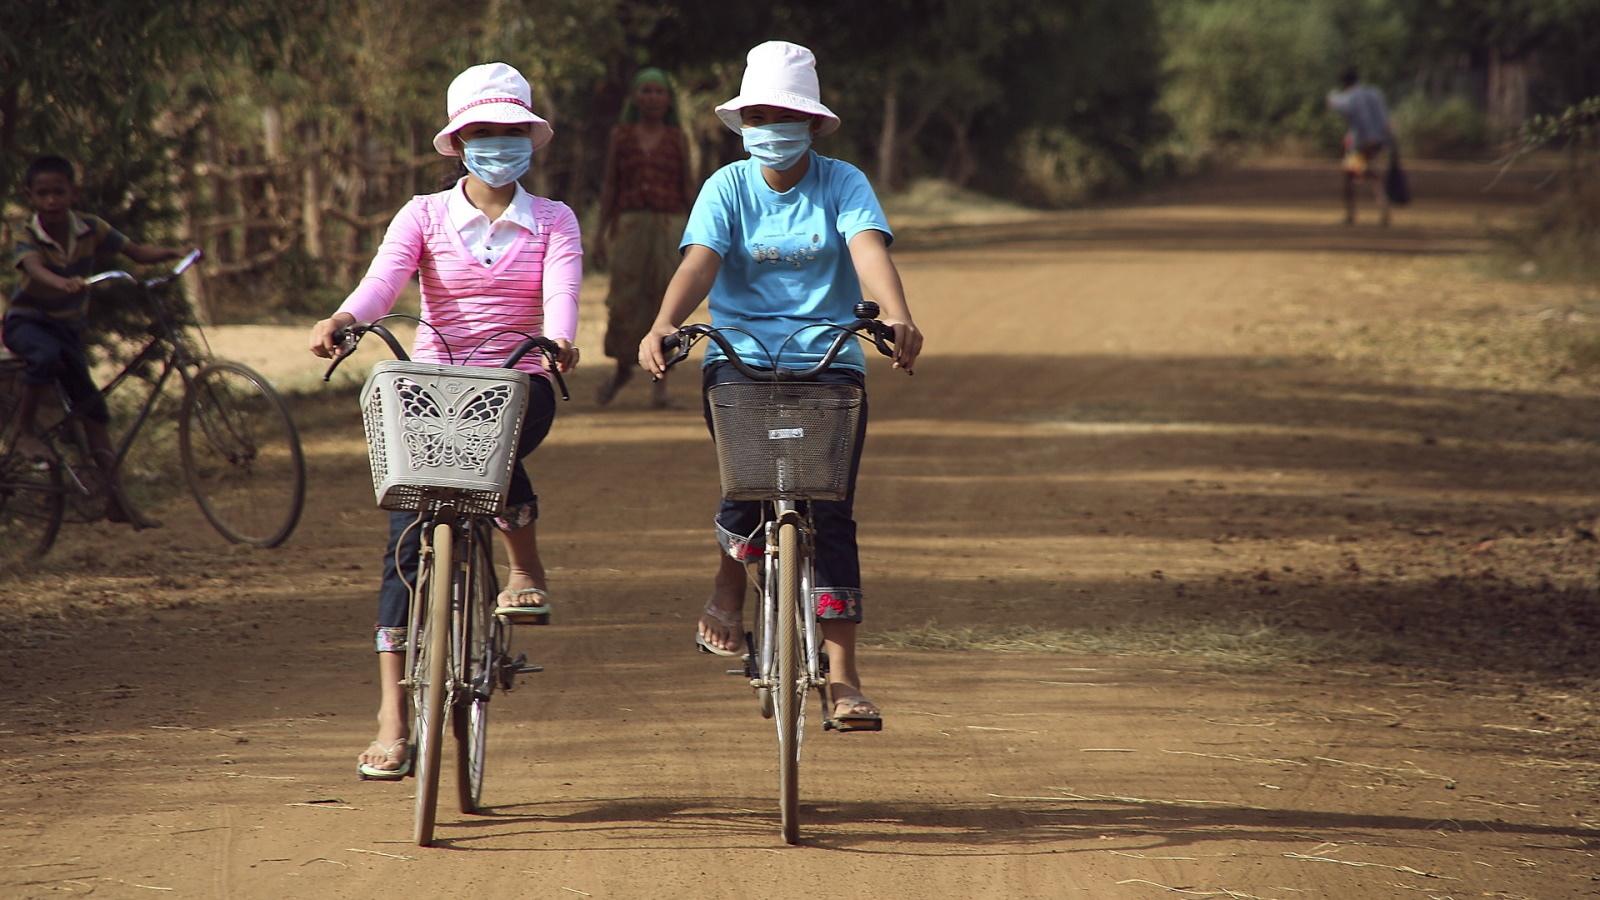 cycling-4490942_1920.jpg